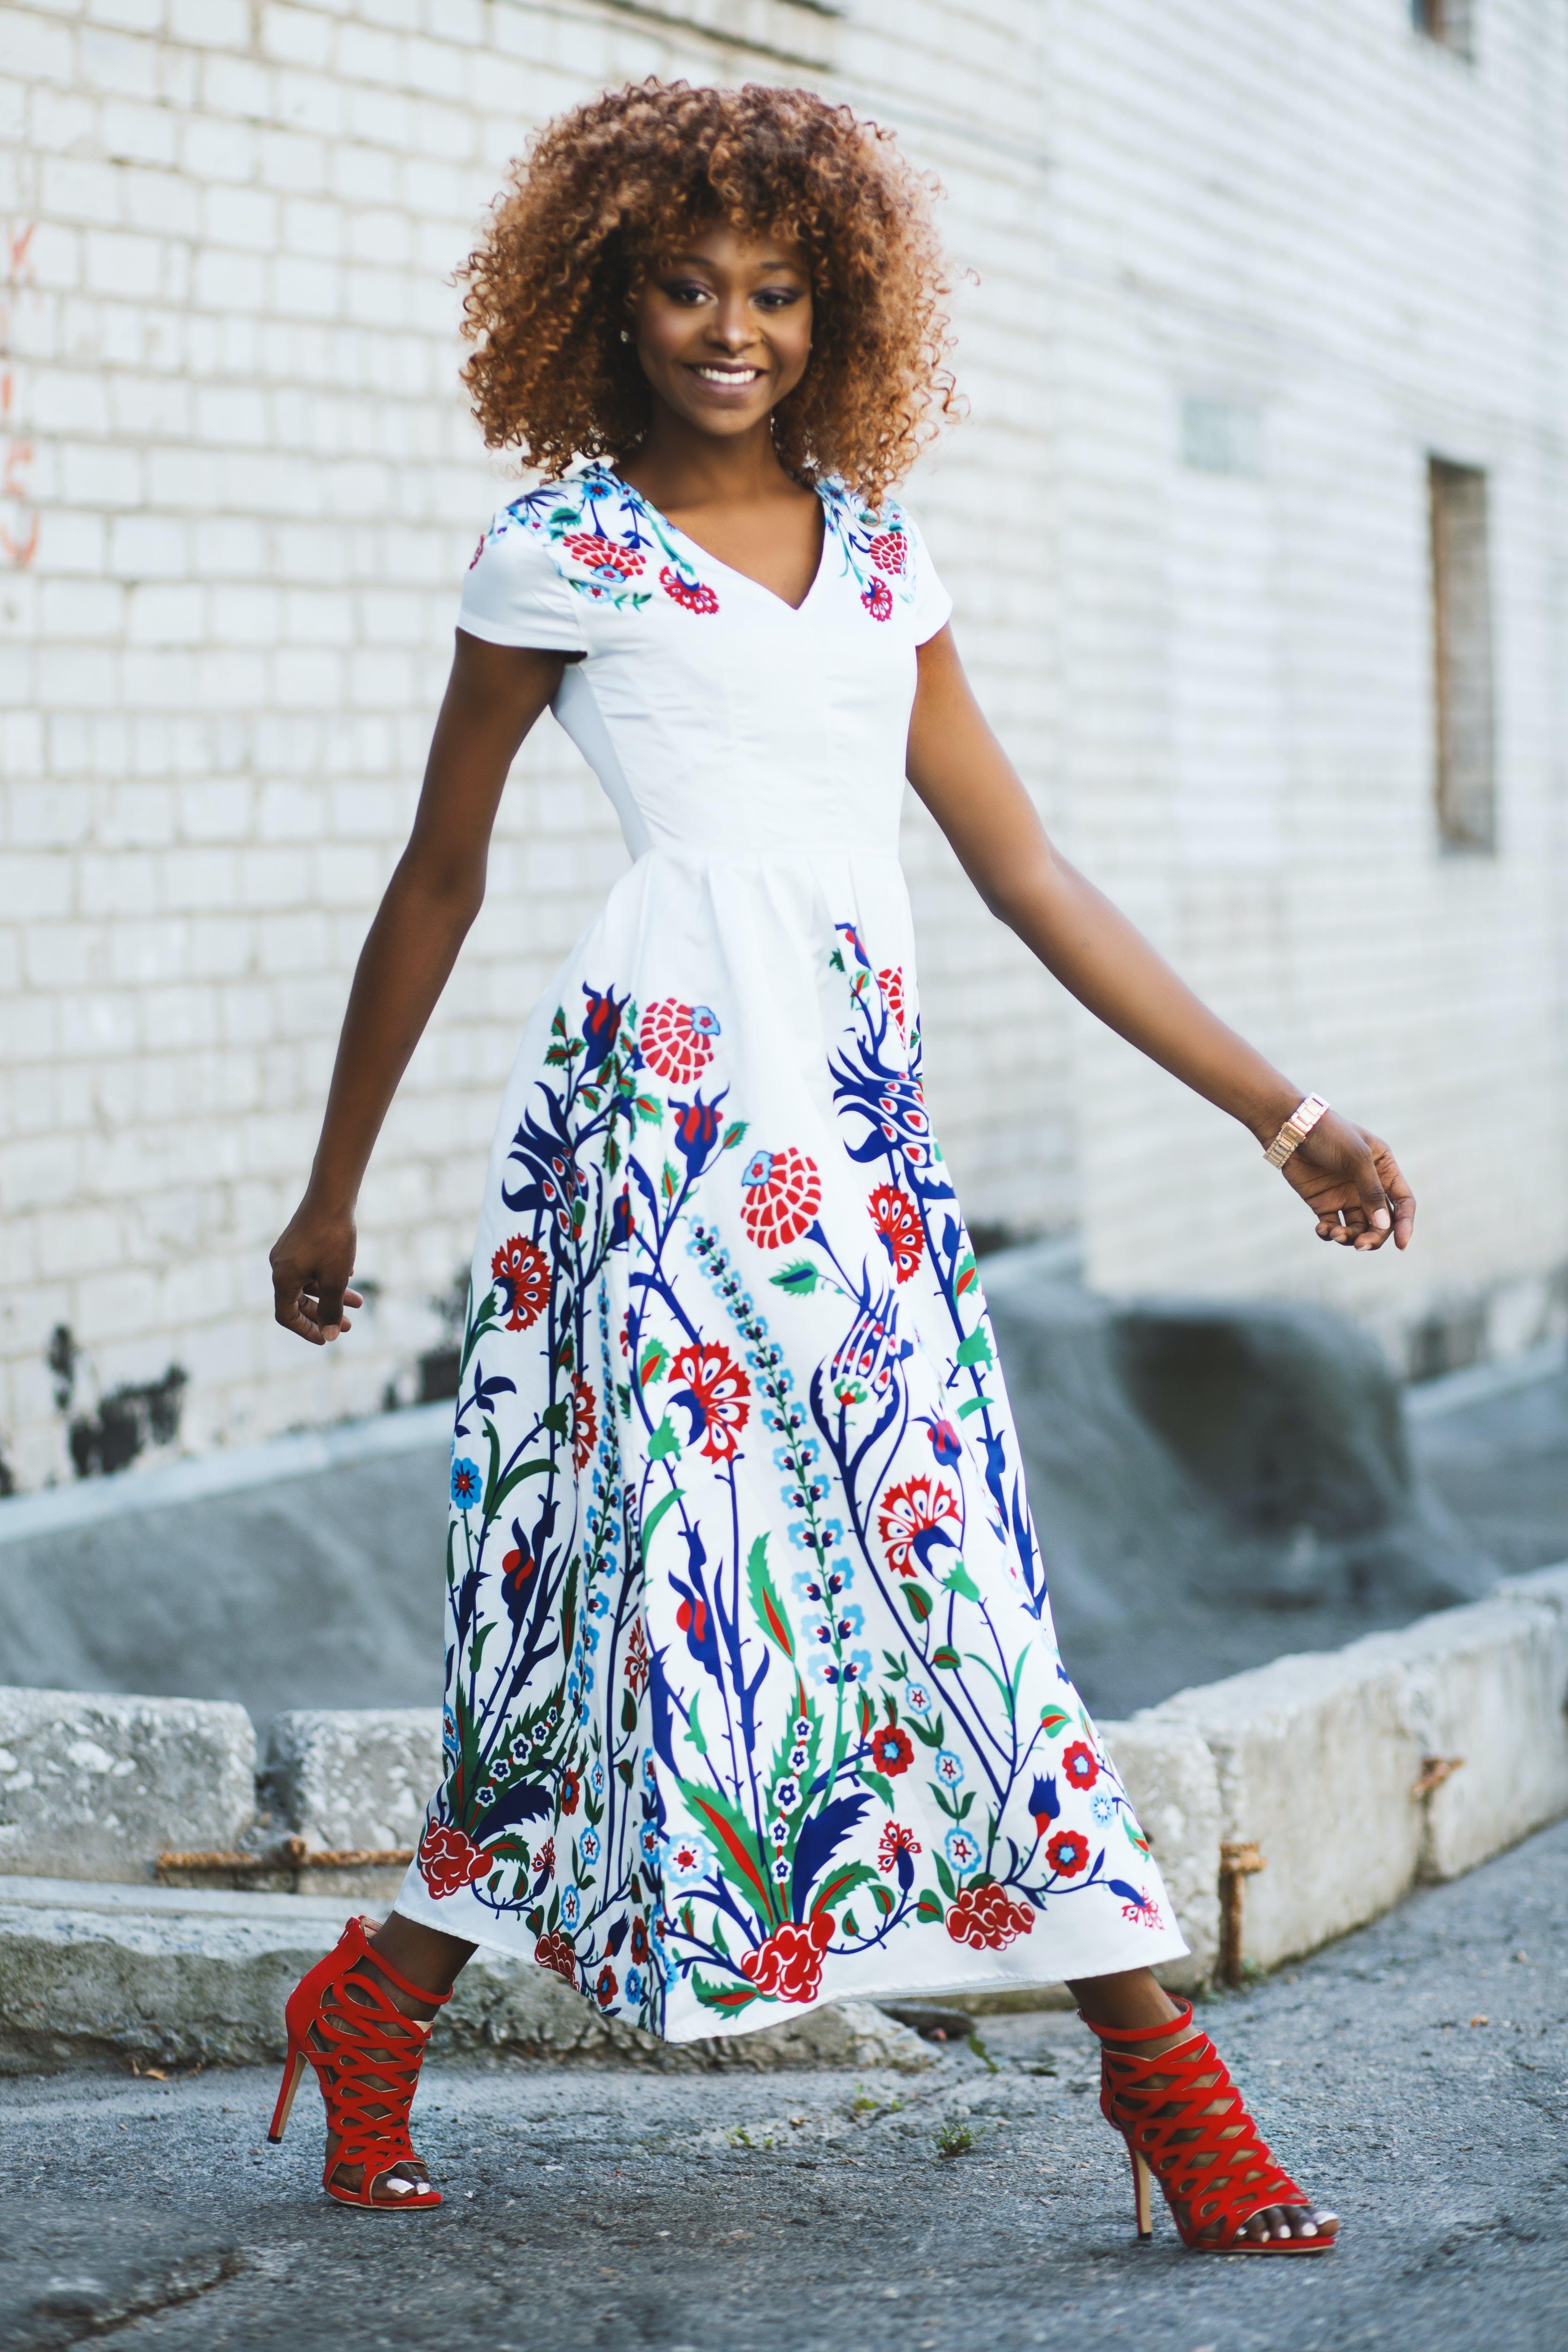 おしゃれ, ほほえむ, アフリカ系アメリカ人女性, スタイルの無料の写真素材